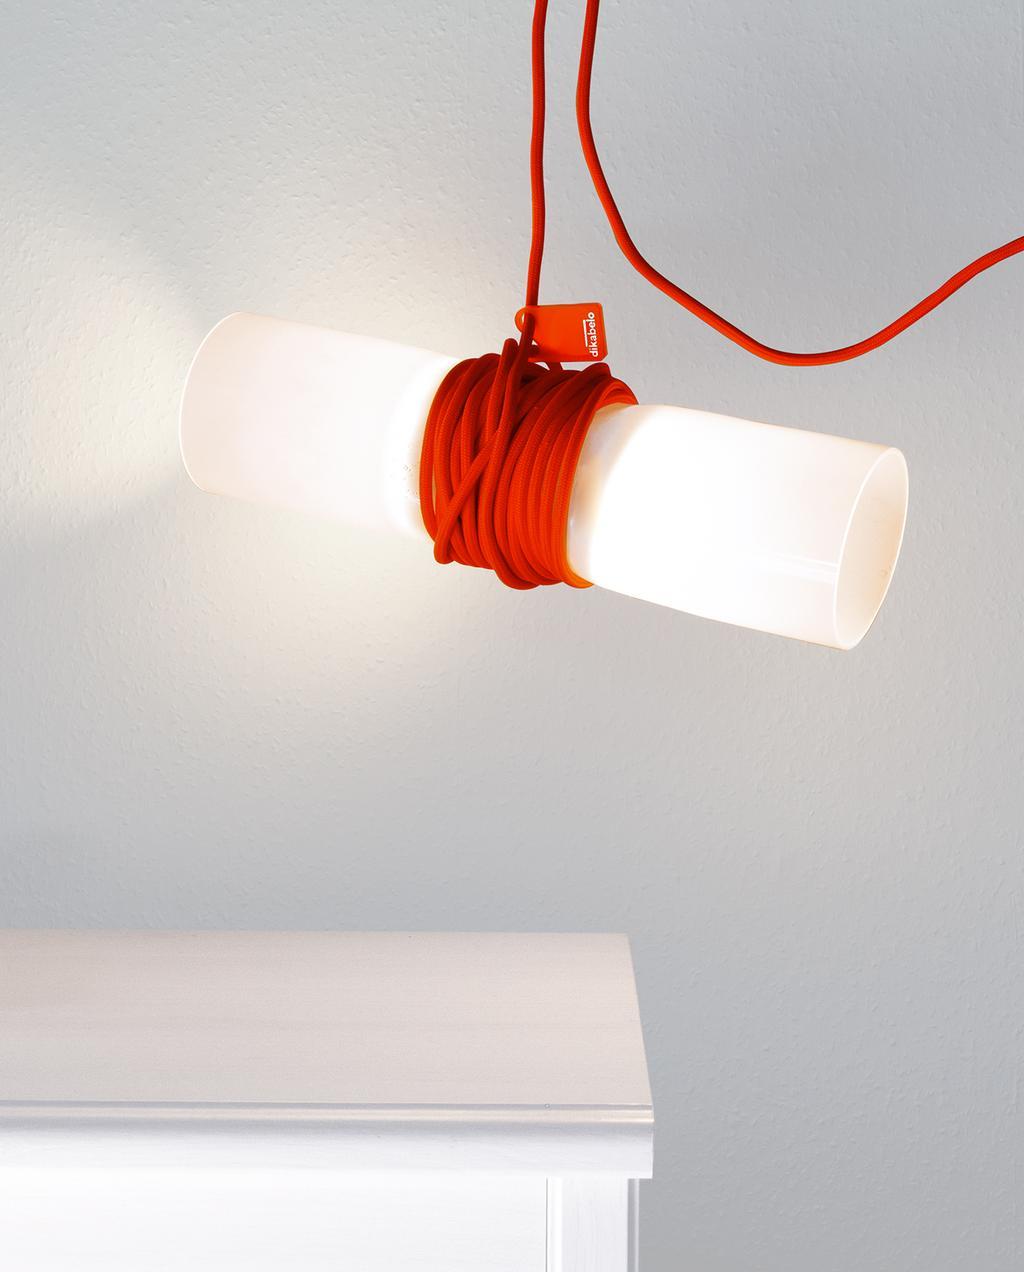 vtwonen blog | blog StudentDesign design voor op je verlanglijstje Katharina Bergman lamp